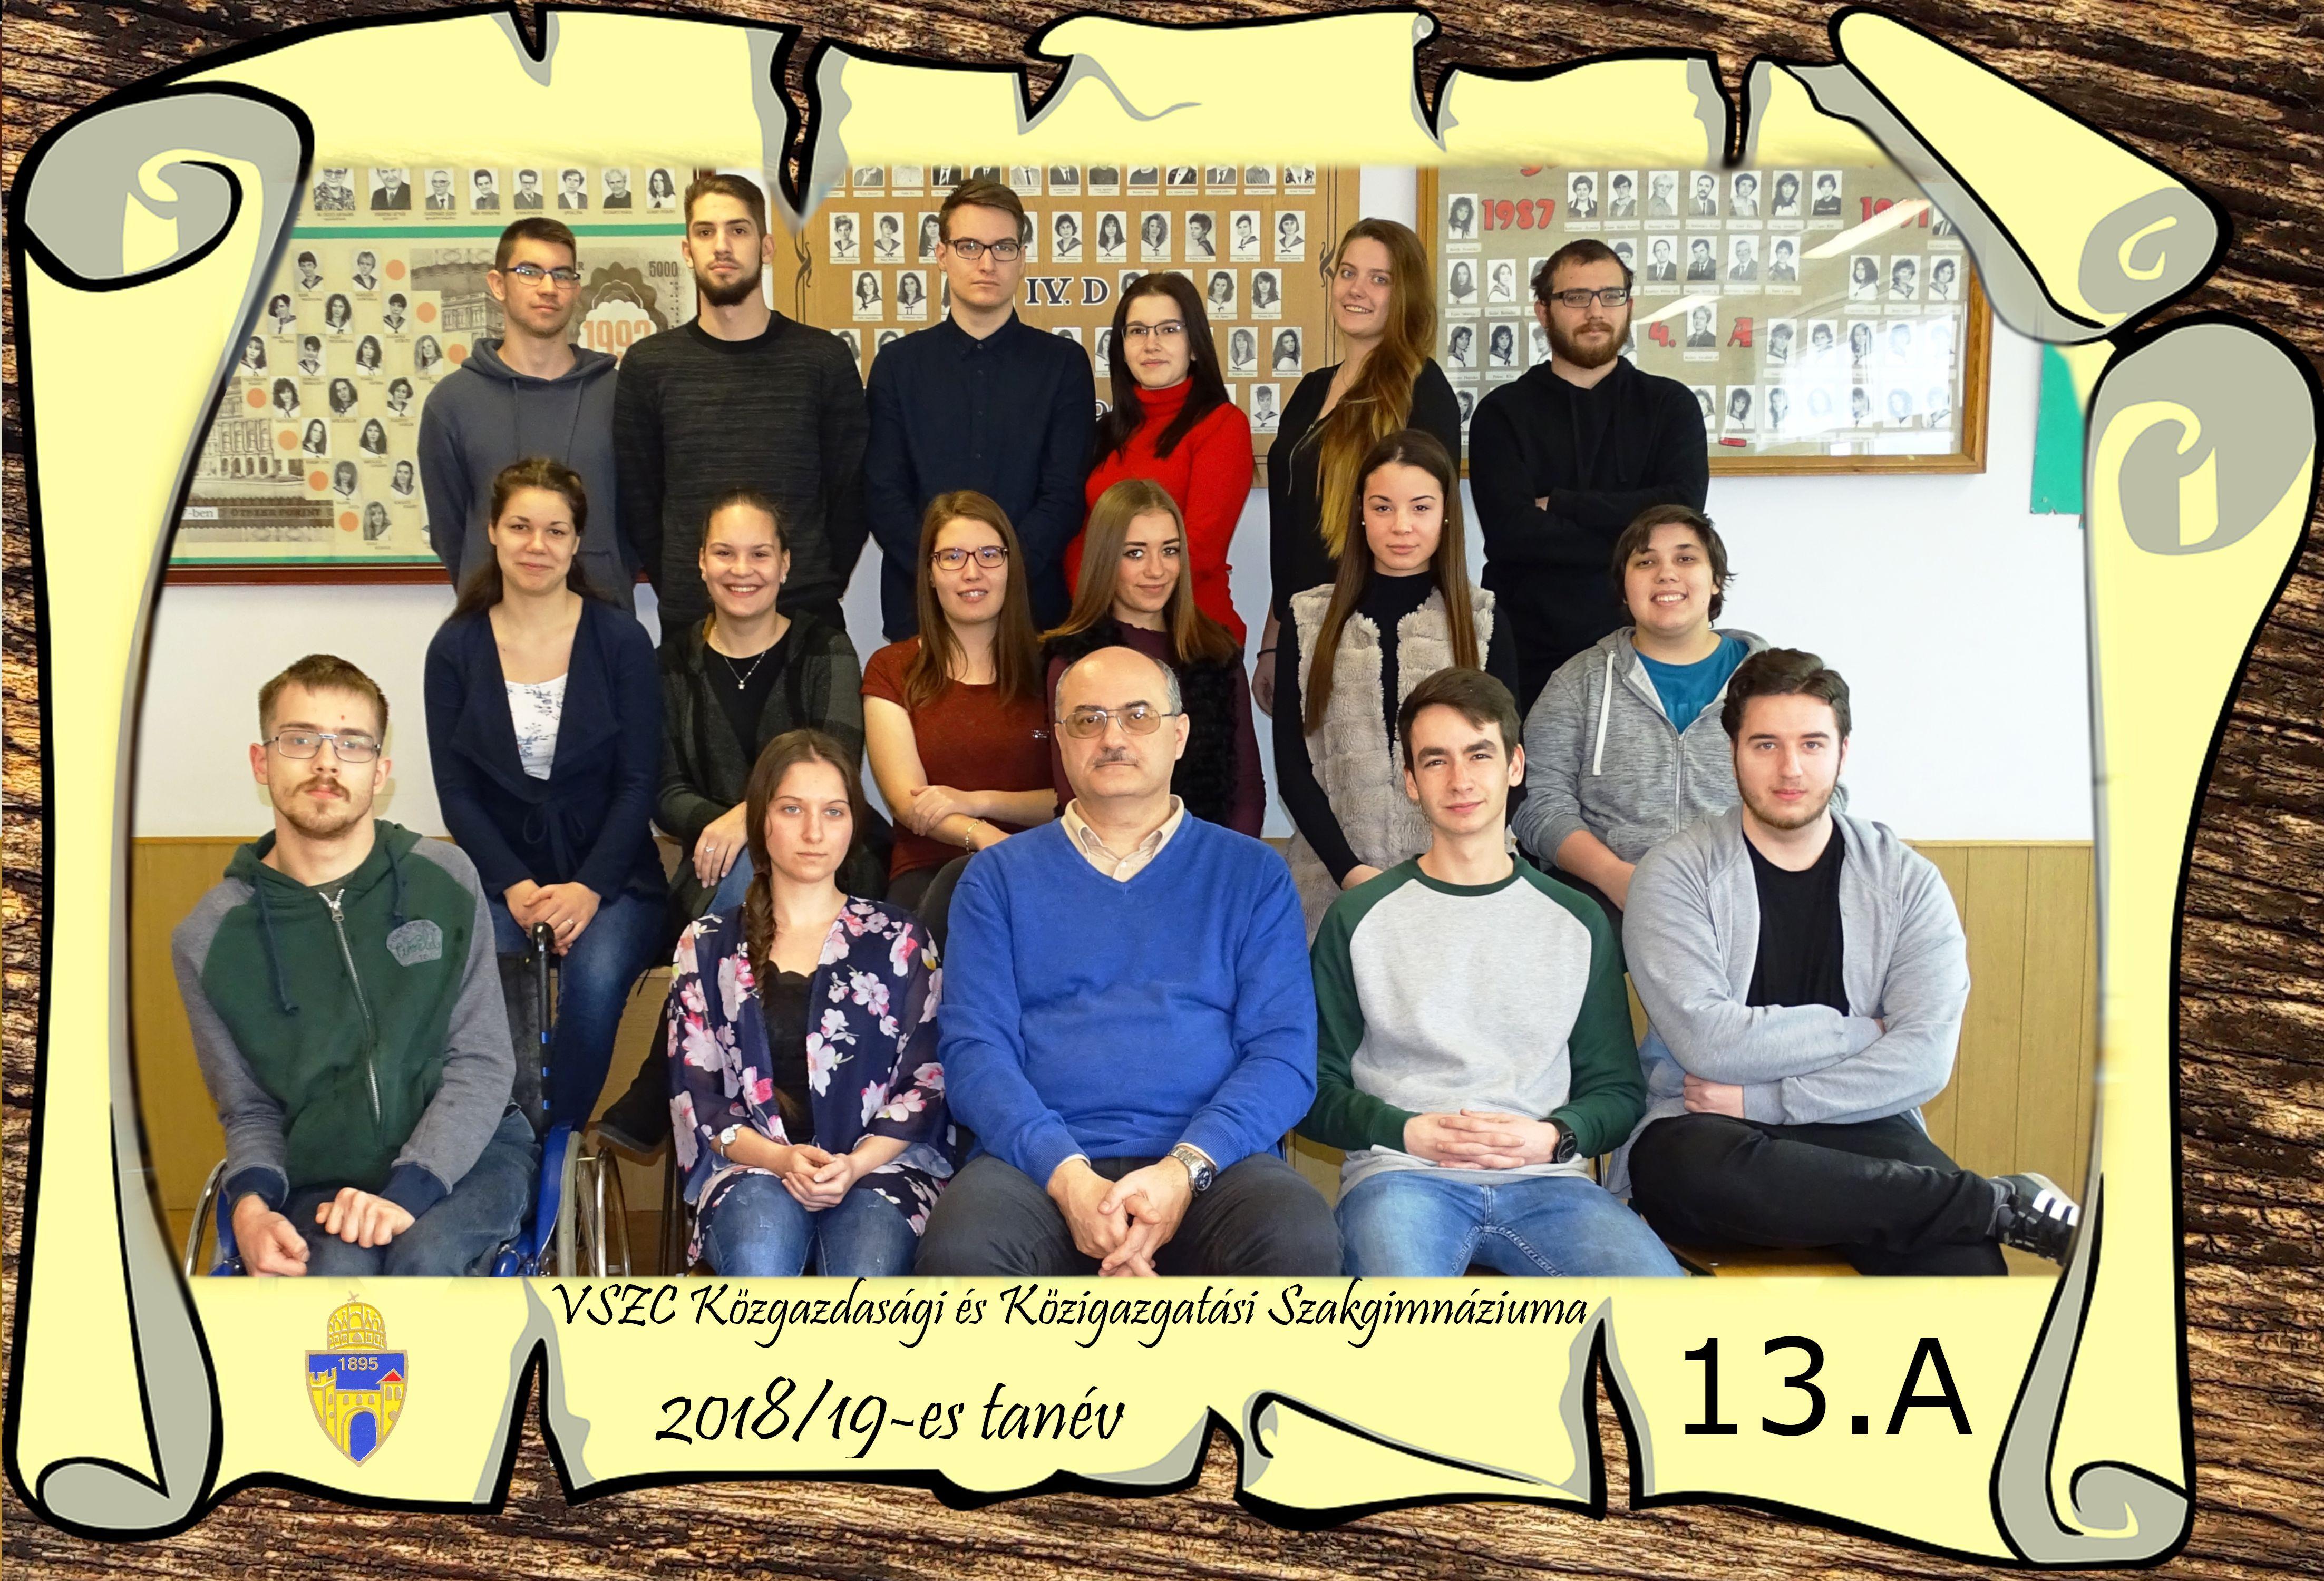 osztalykep13A-1819